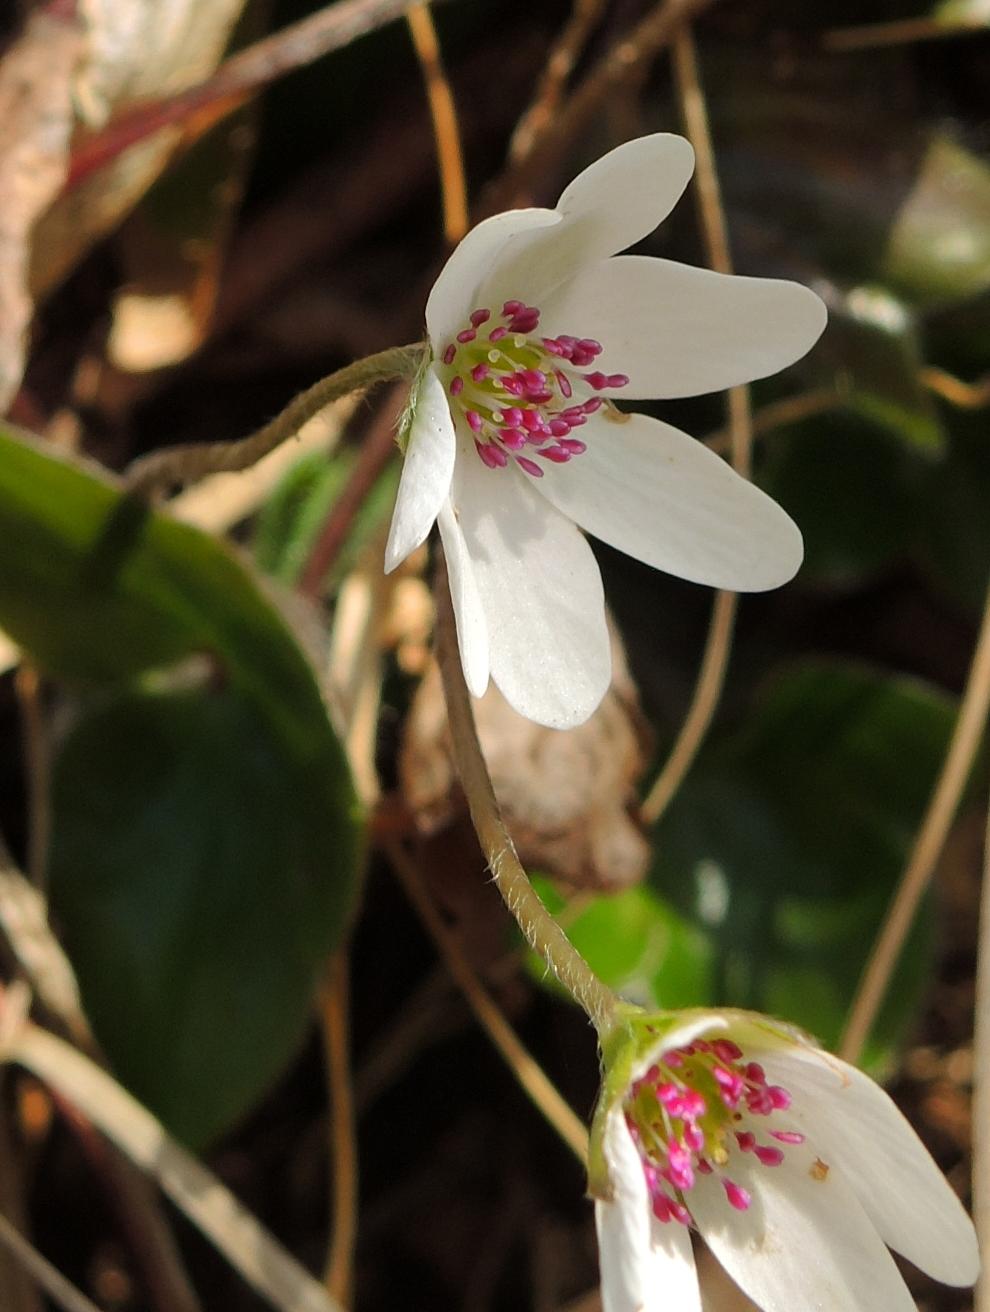 オオミスミソウ 白の花びら1